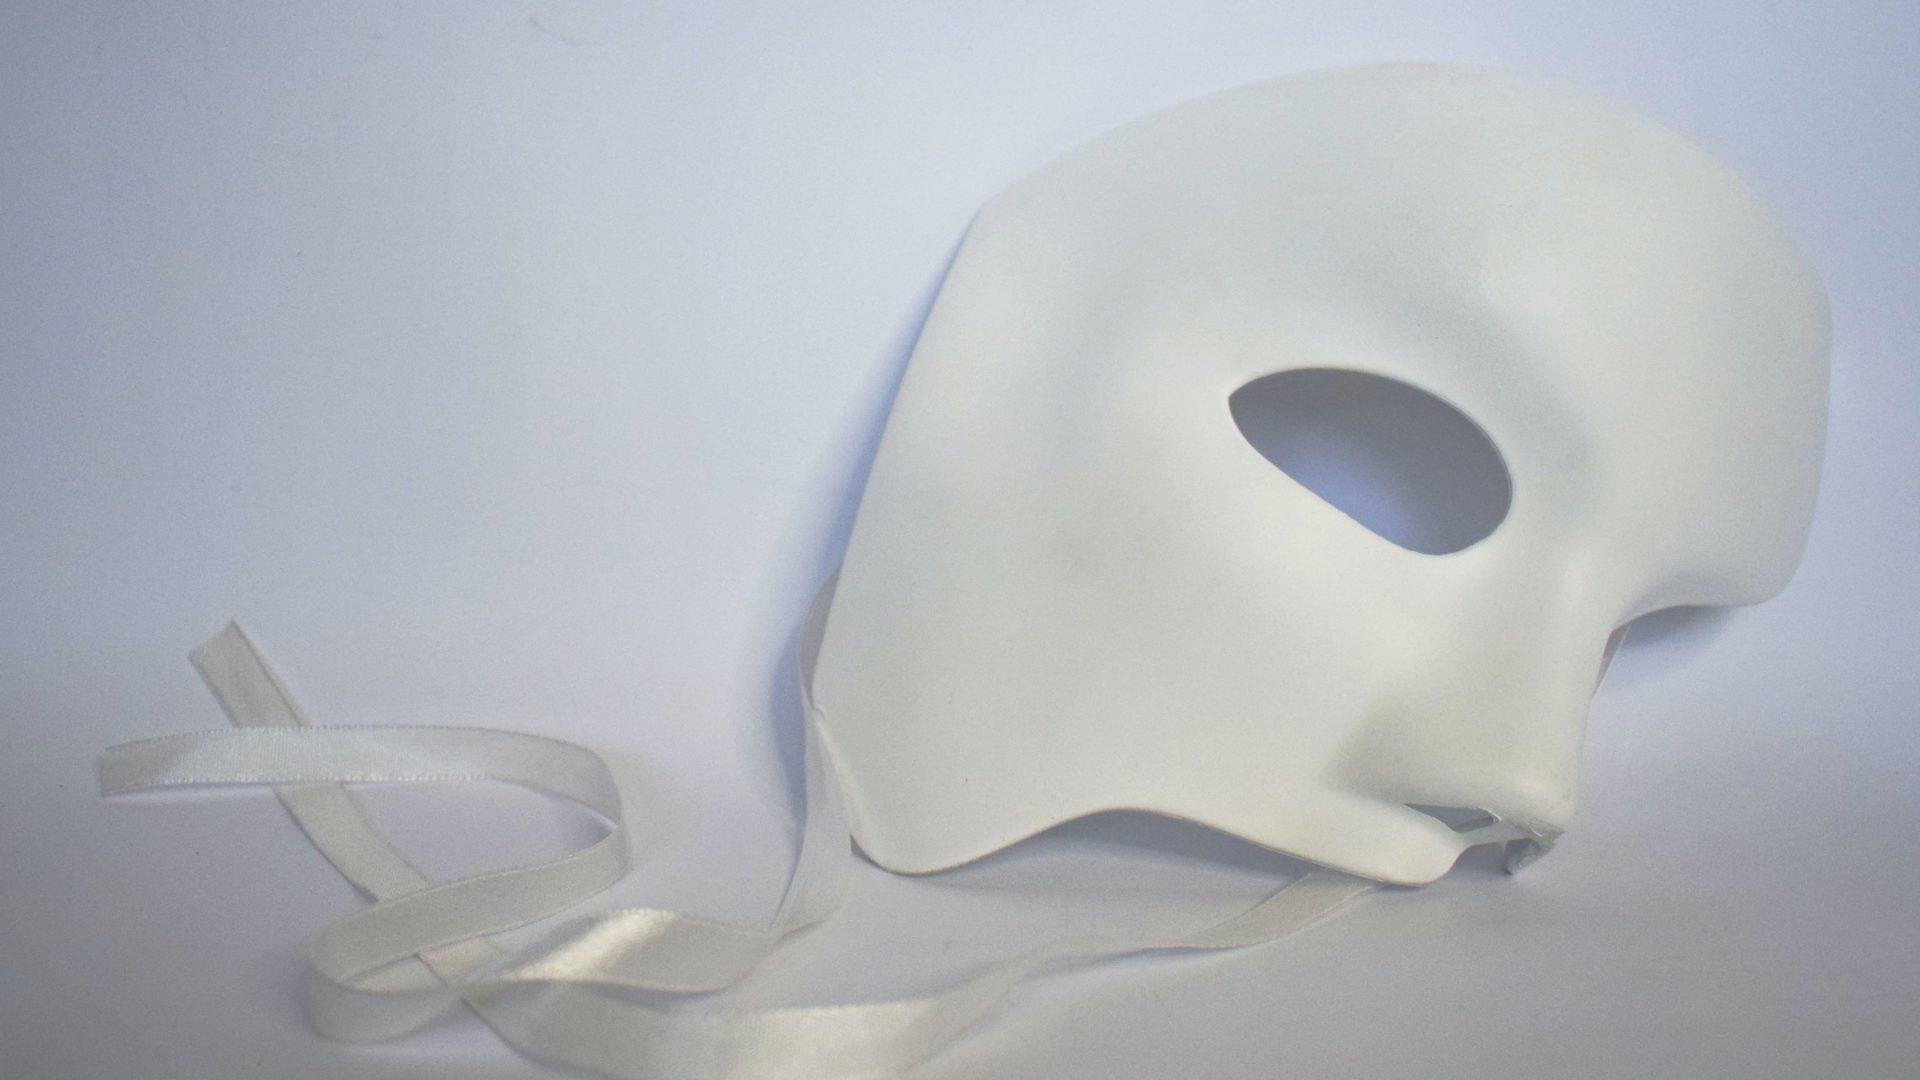 Querdenken - Verwaltungsgericht hebt Maskenpflicht für Querdenken-Karlsruhe auf